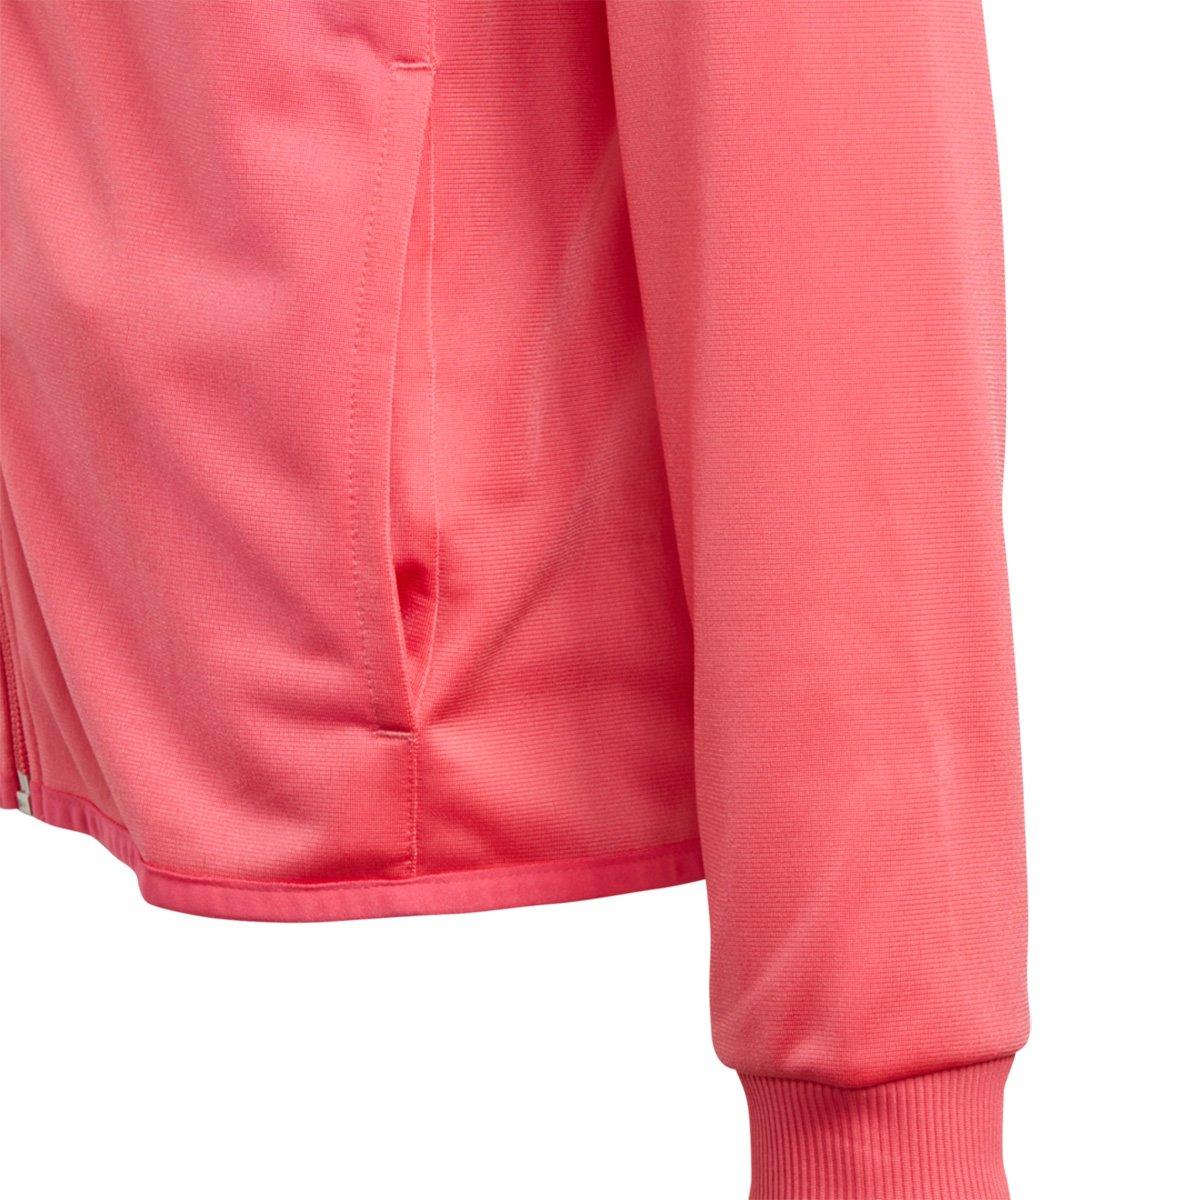 7595801e63 Agasalho Infantil Adidas Yg S Entry Ts Feminino - Rosa e Preto ...